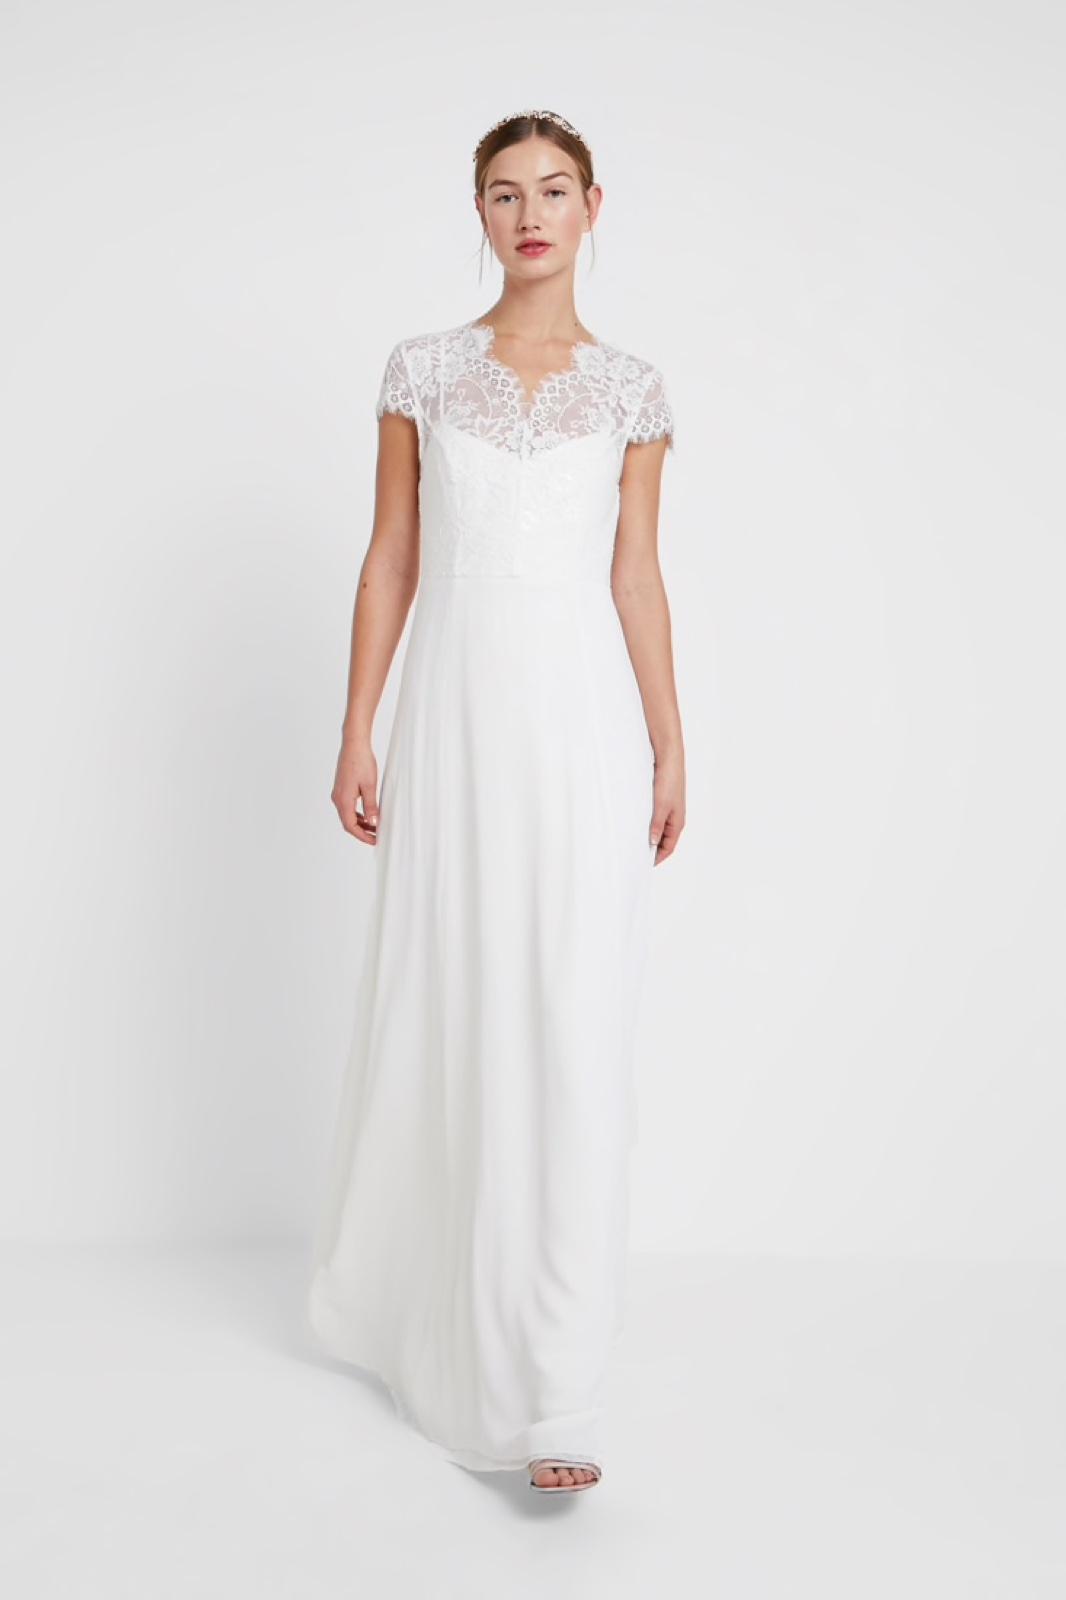 3f718e064 Vestidos Matrimonio Civil - vestidodenoviacivil.cl